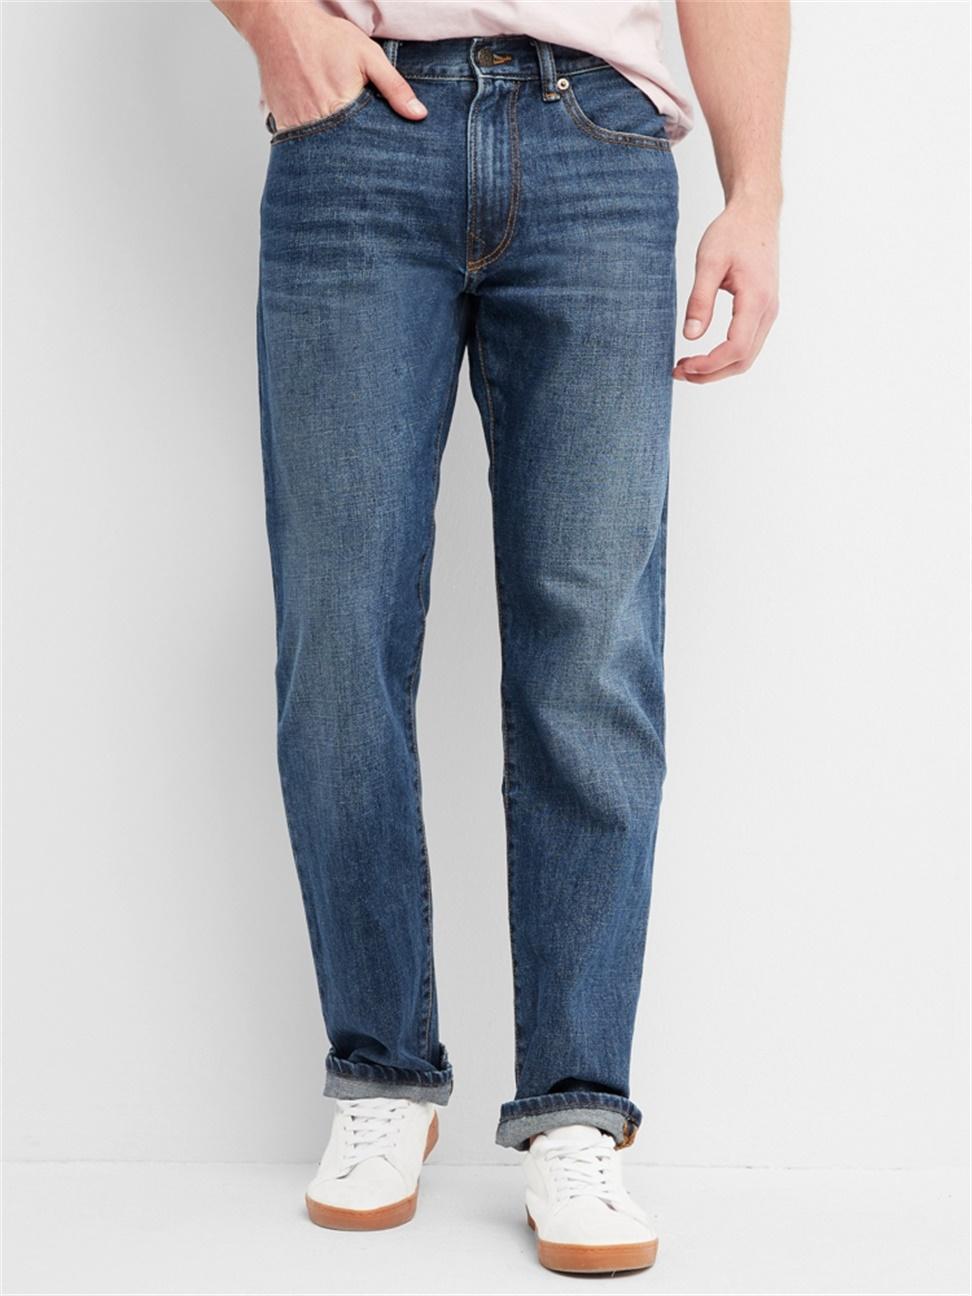 男裝 基本款簡約風格直筒牛仔褲